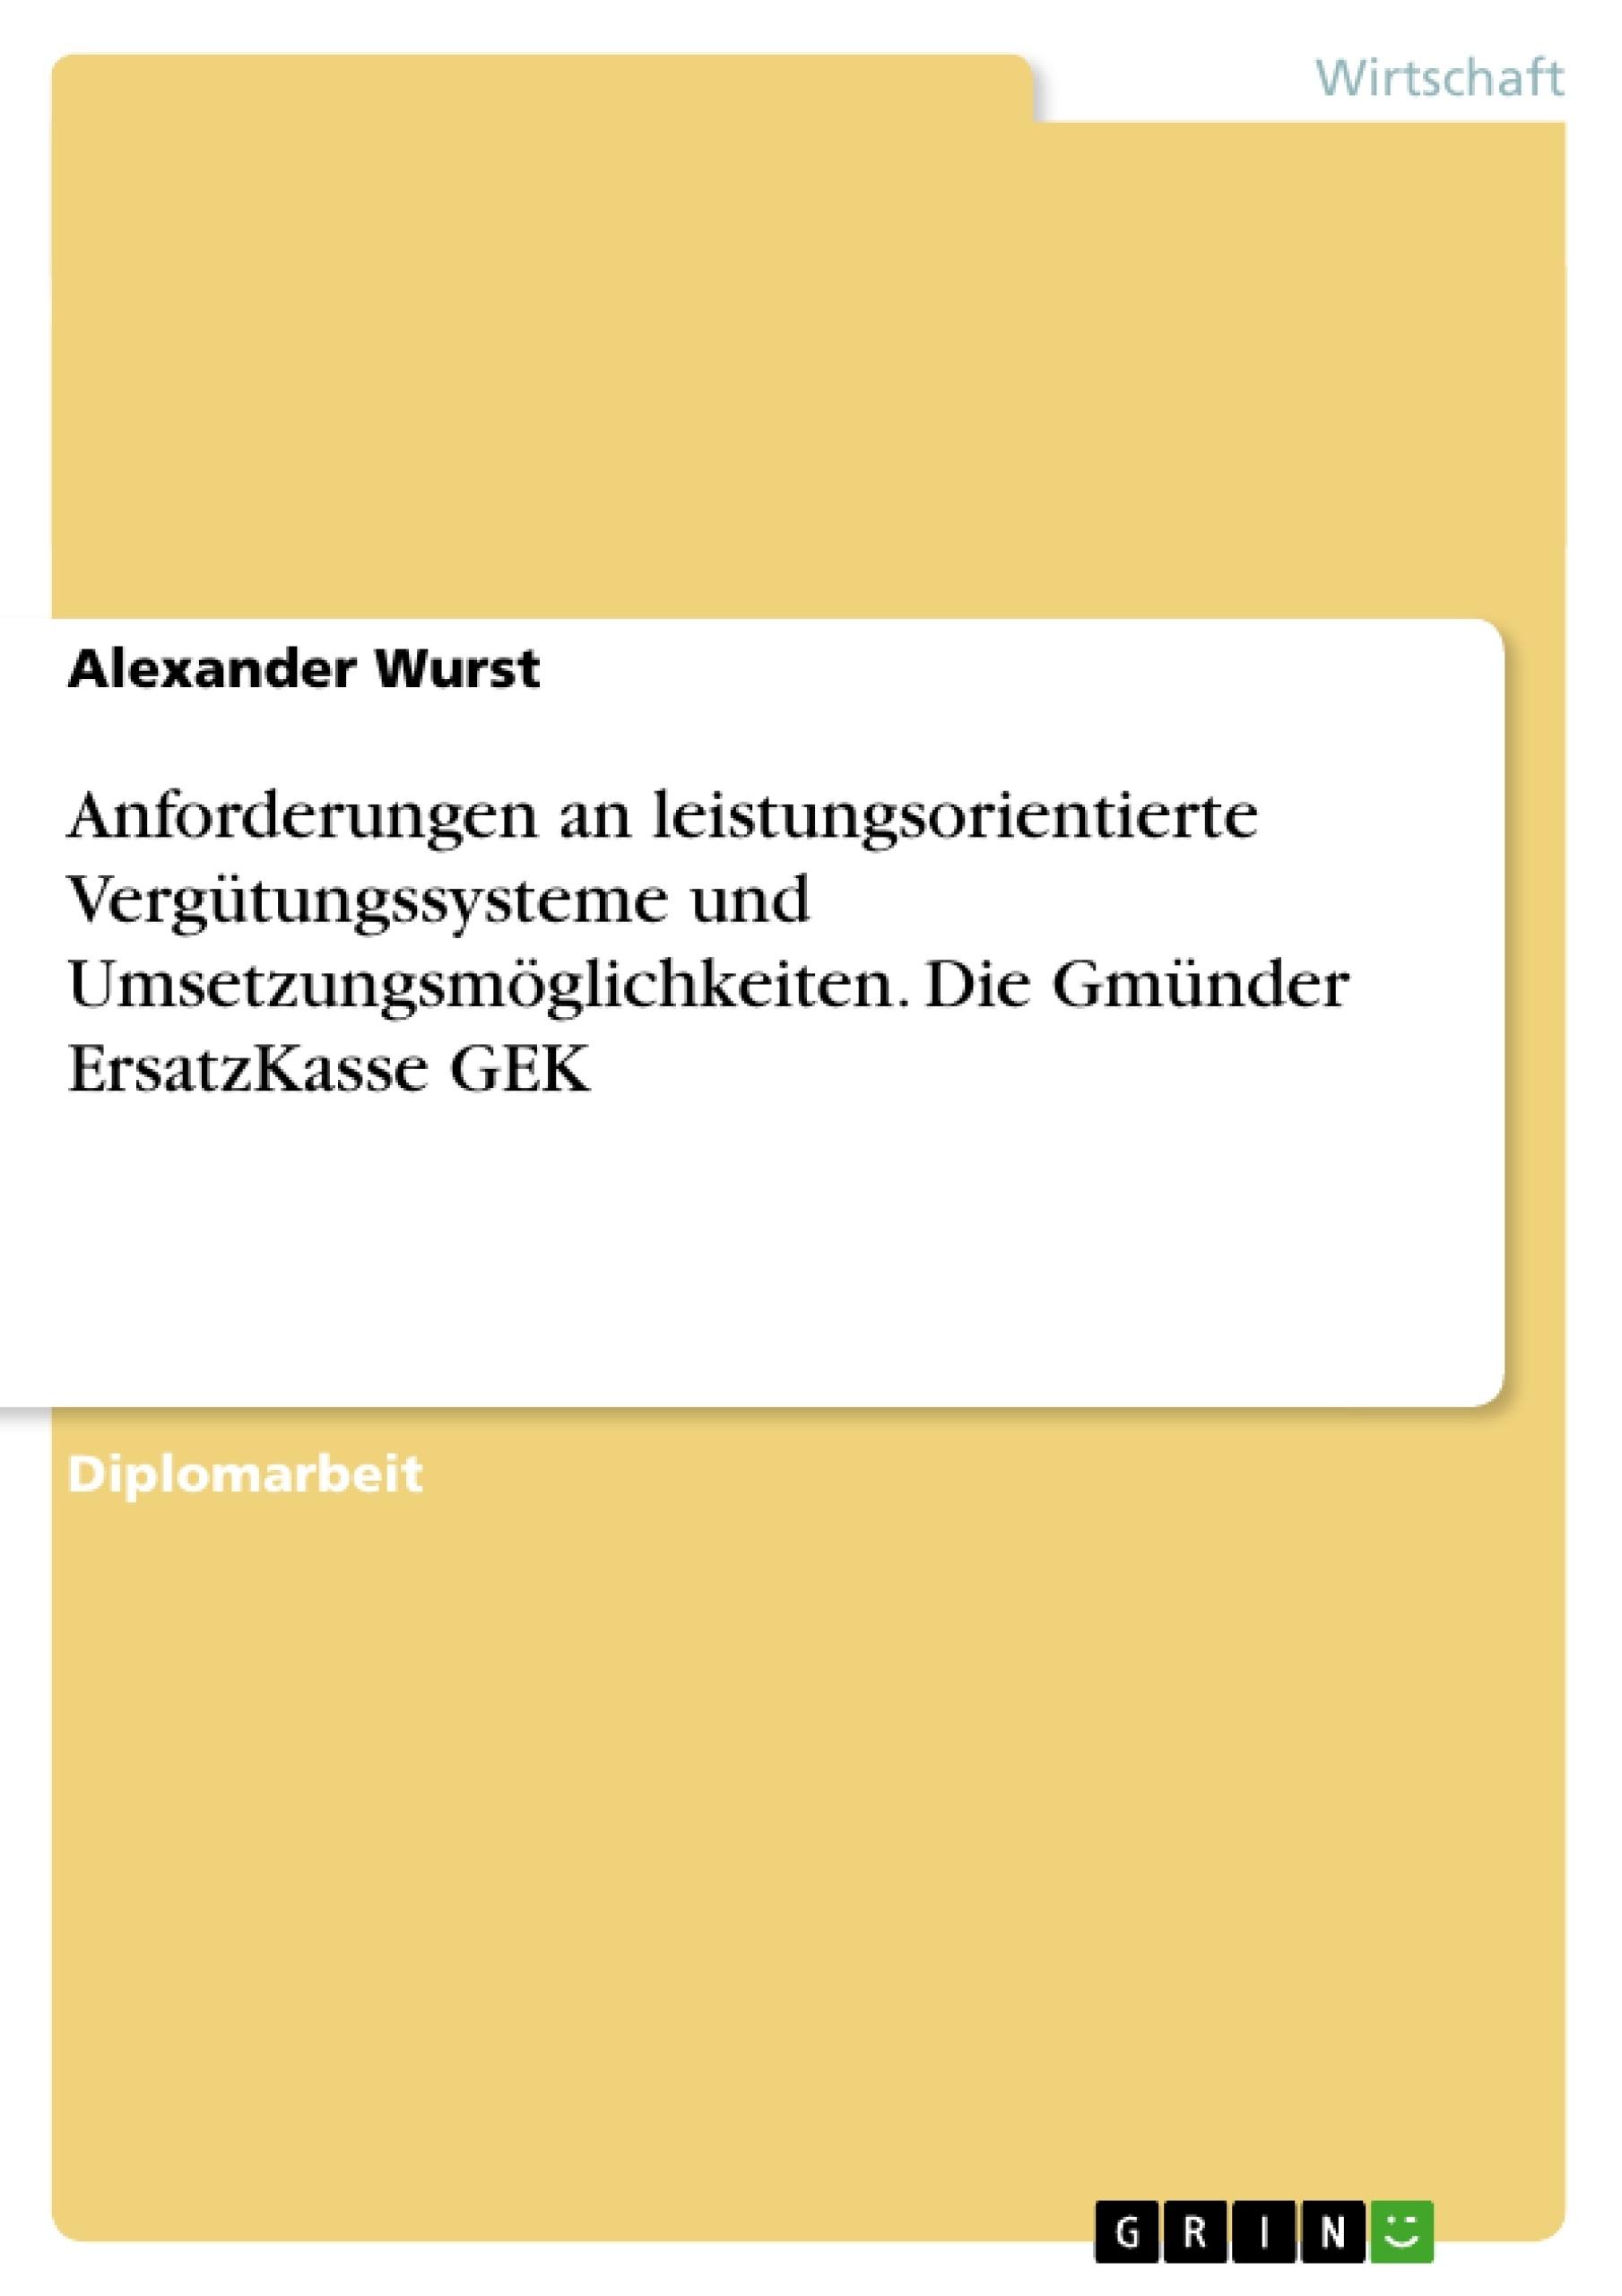 Titel: Anforderungen an leistungsorientierte Vergütungssysteme und Umsetzungsmöglichkeiten. Die Gmünder ErsatzKasse GEK